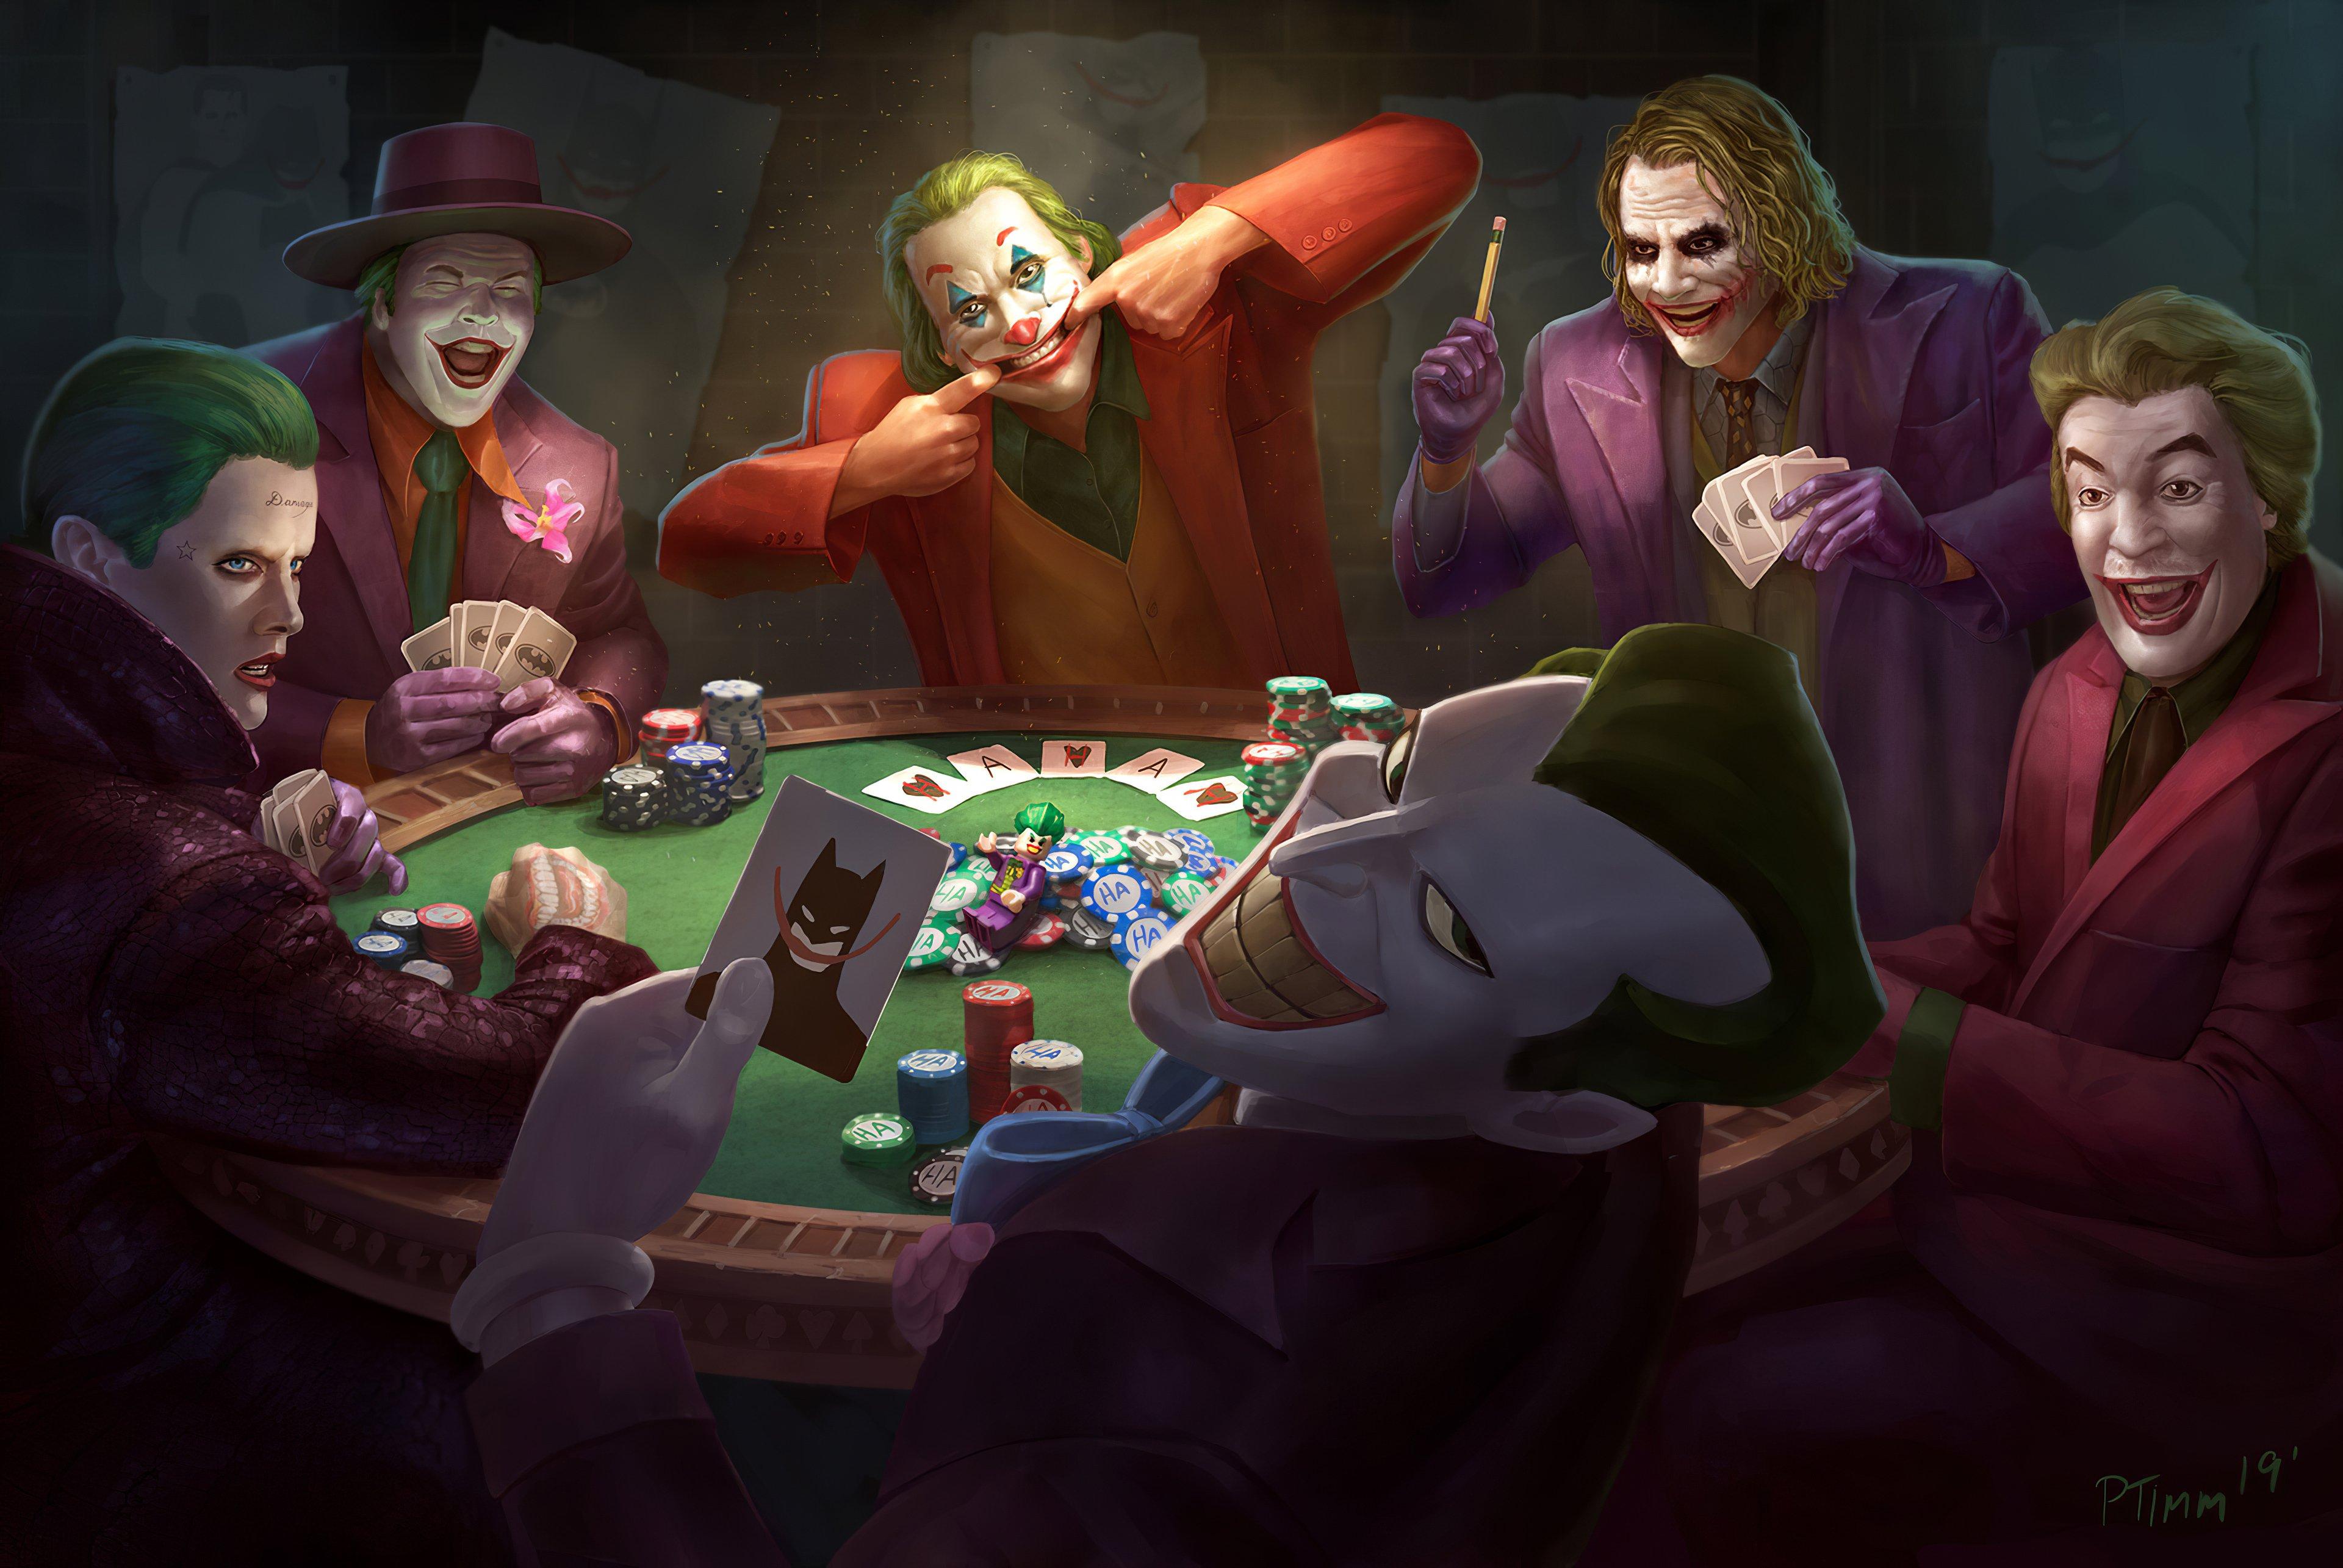 Jokers playing poker Wallpaper 4k Ultra HD ID:5158